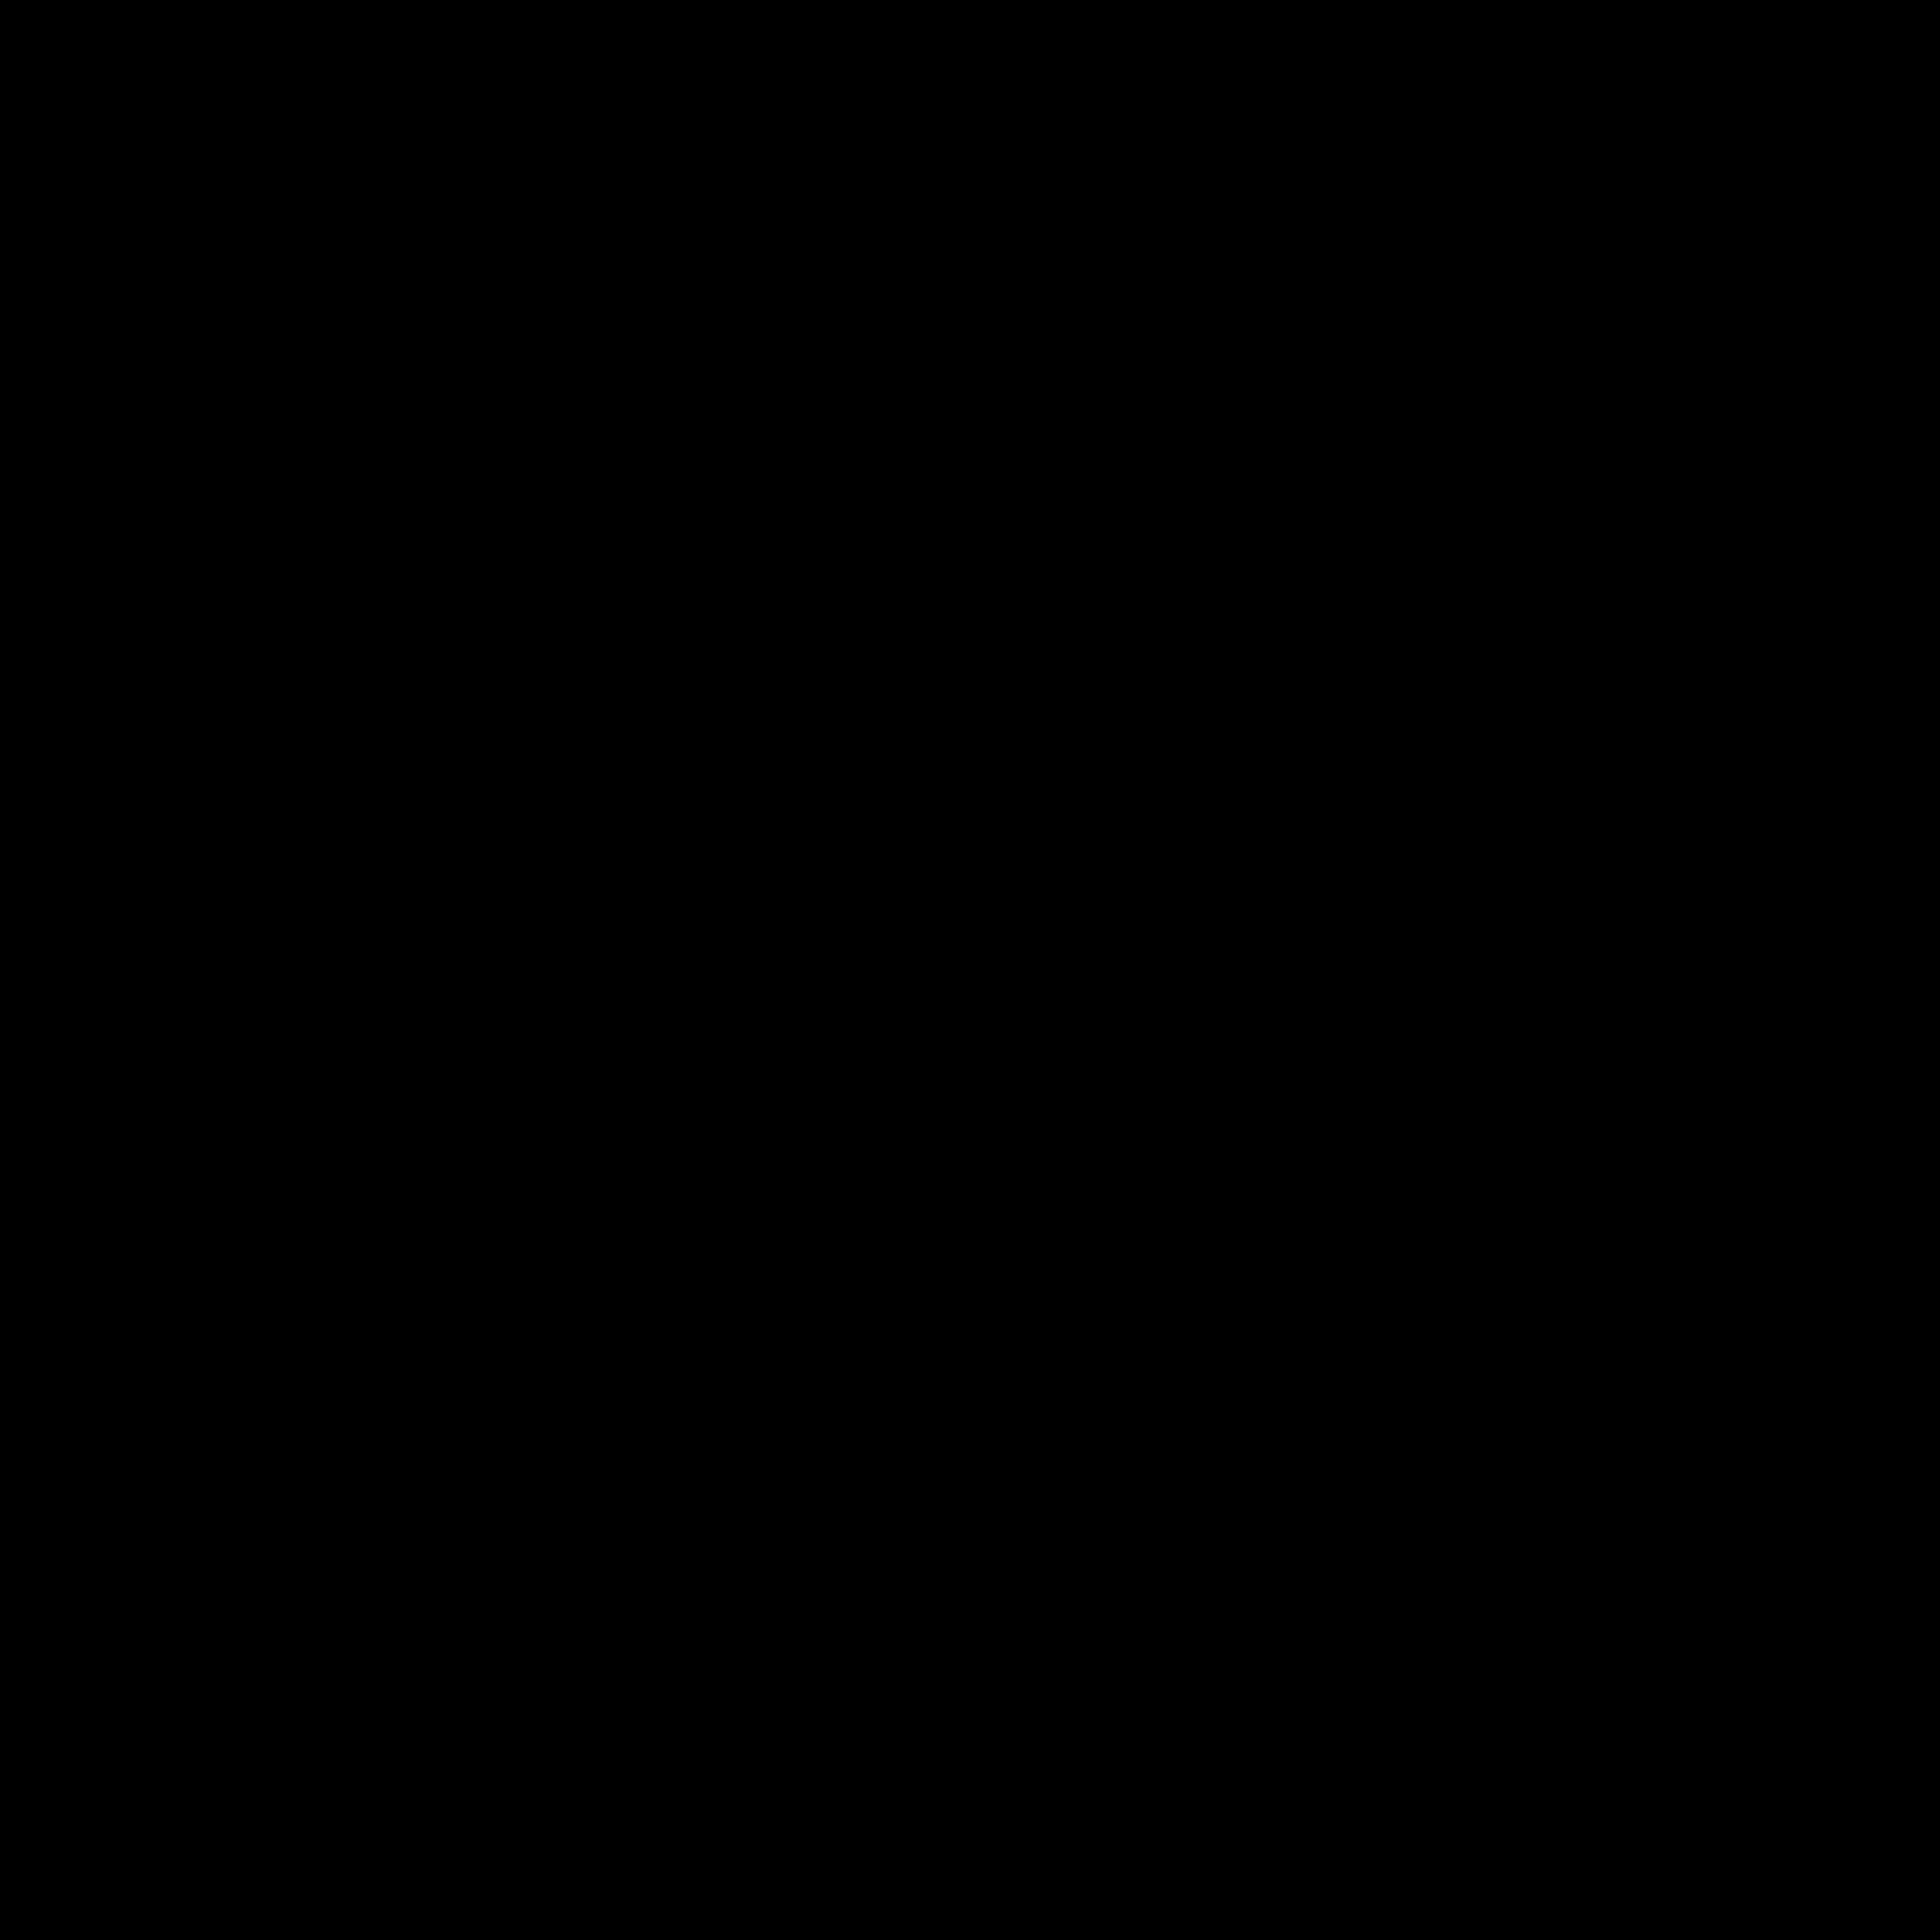 دليلك الكامل عند شراء مكملات أوميجا 3